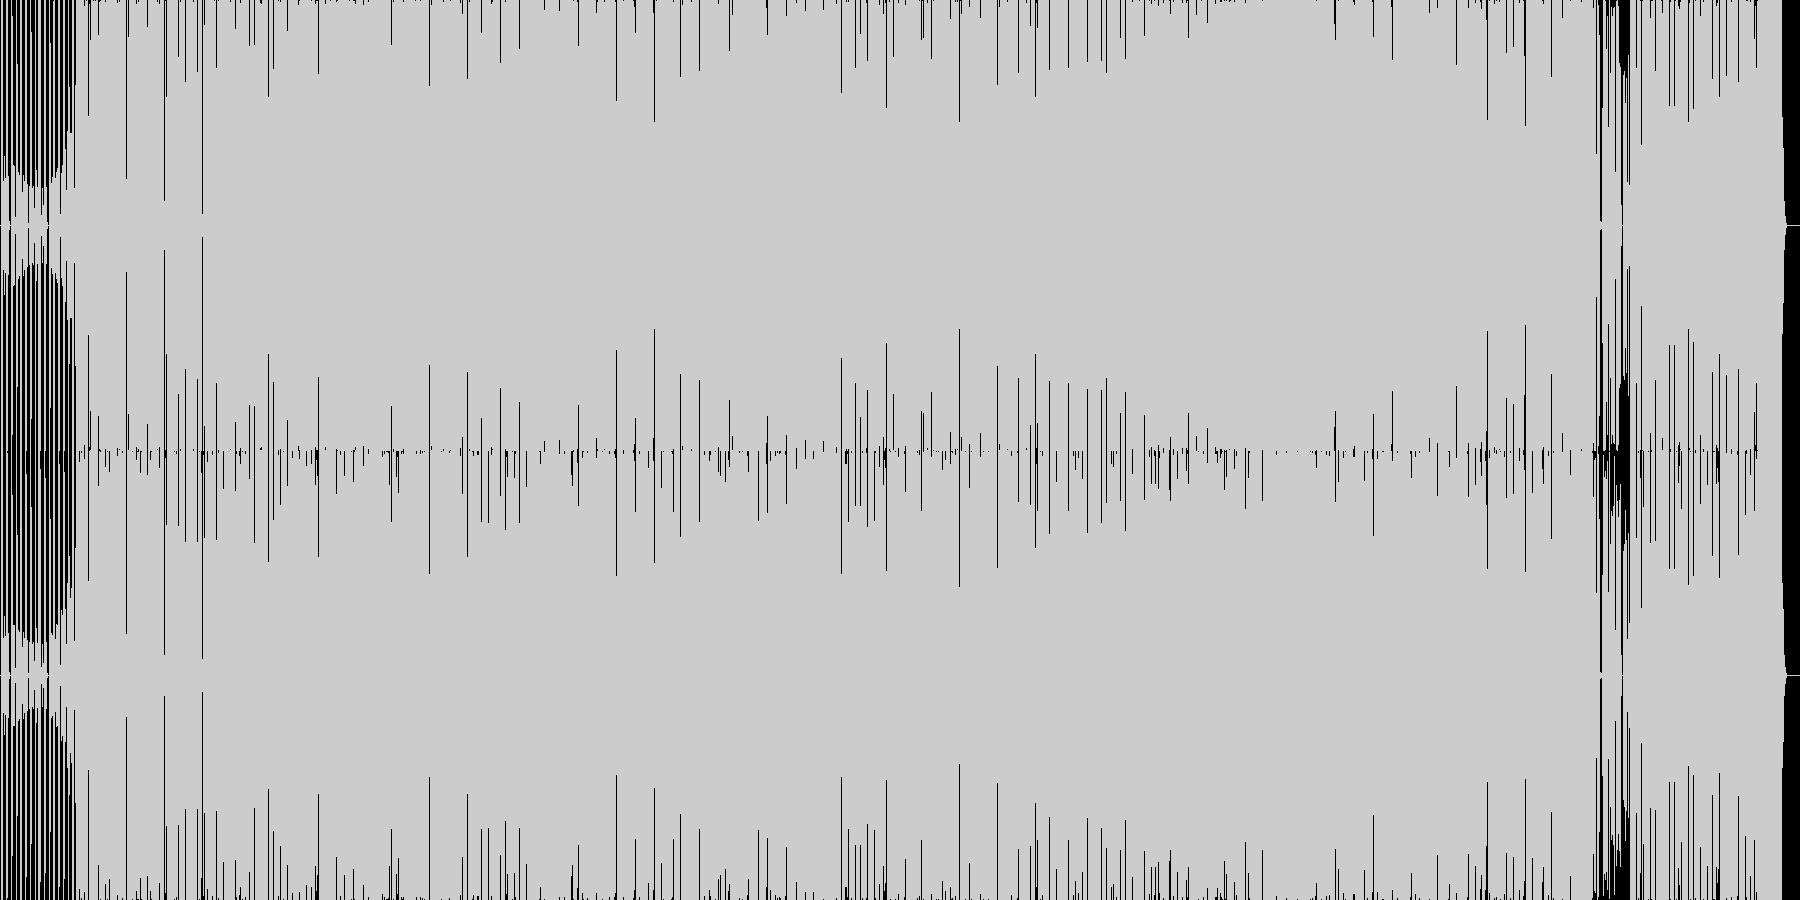 カチッとしたEDM系の曲です。の未再生の波形